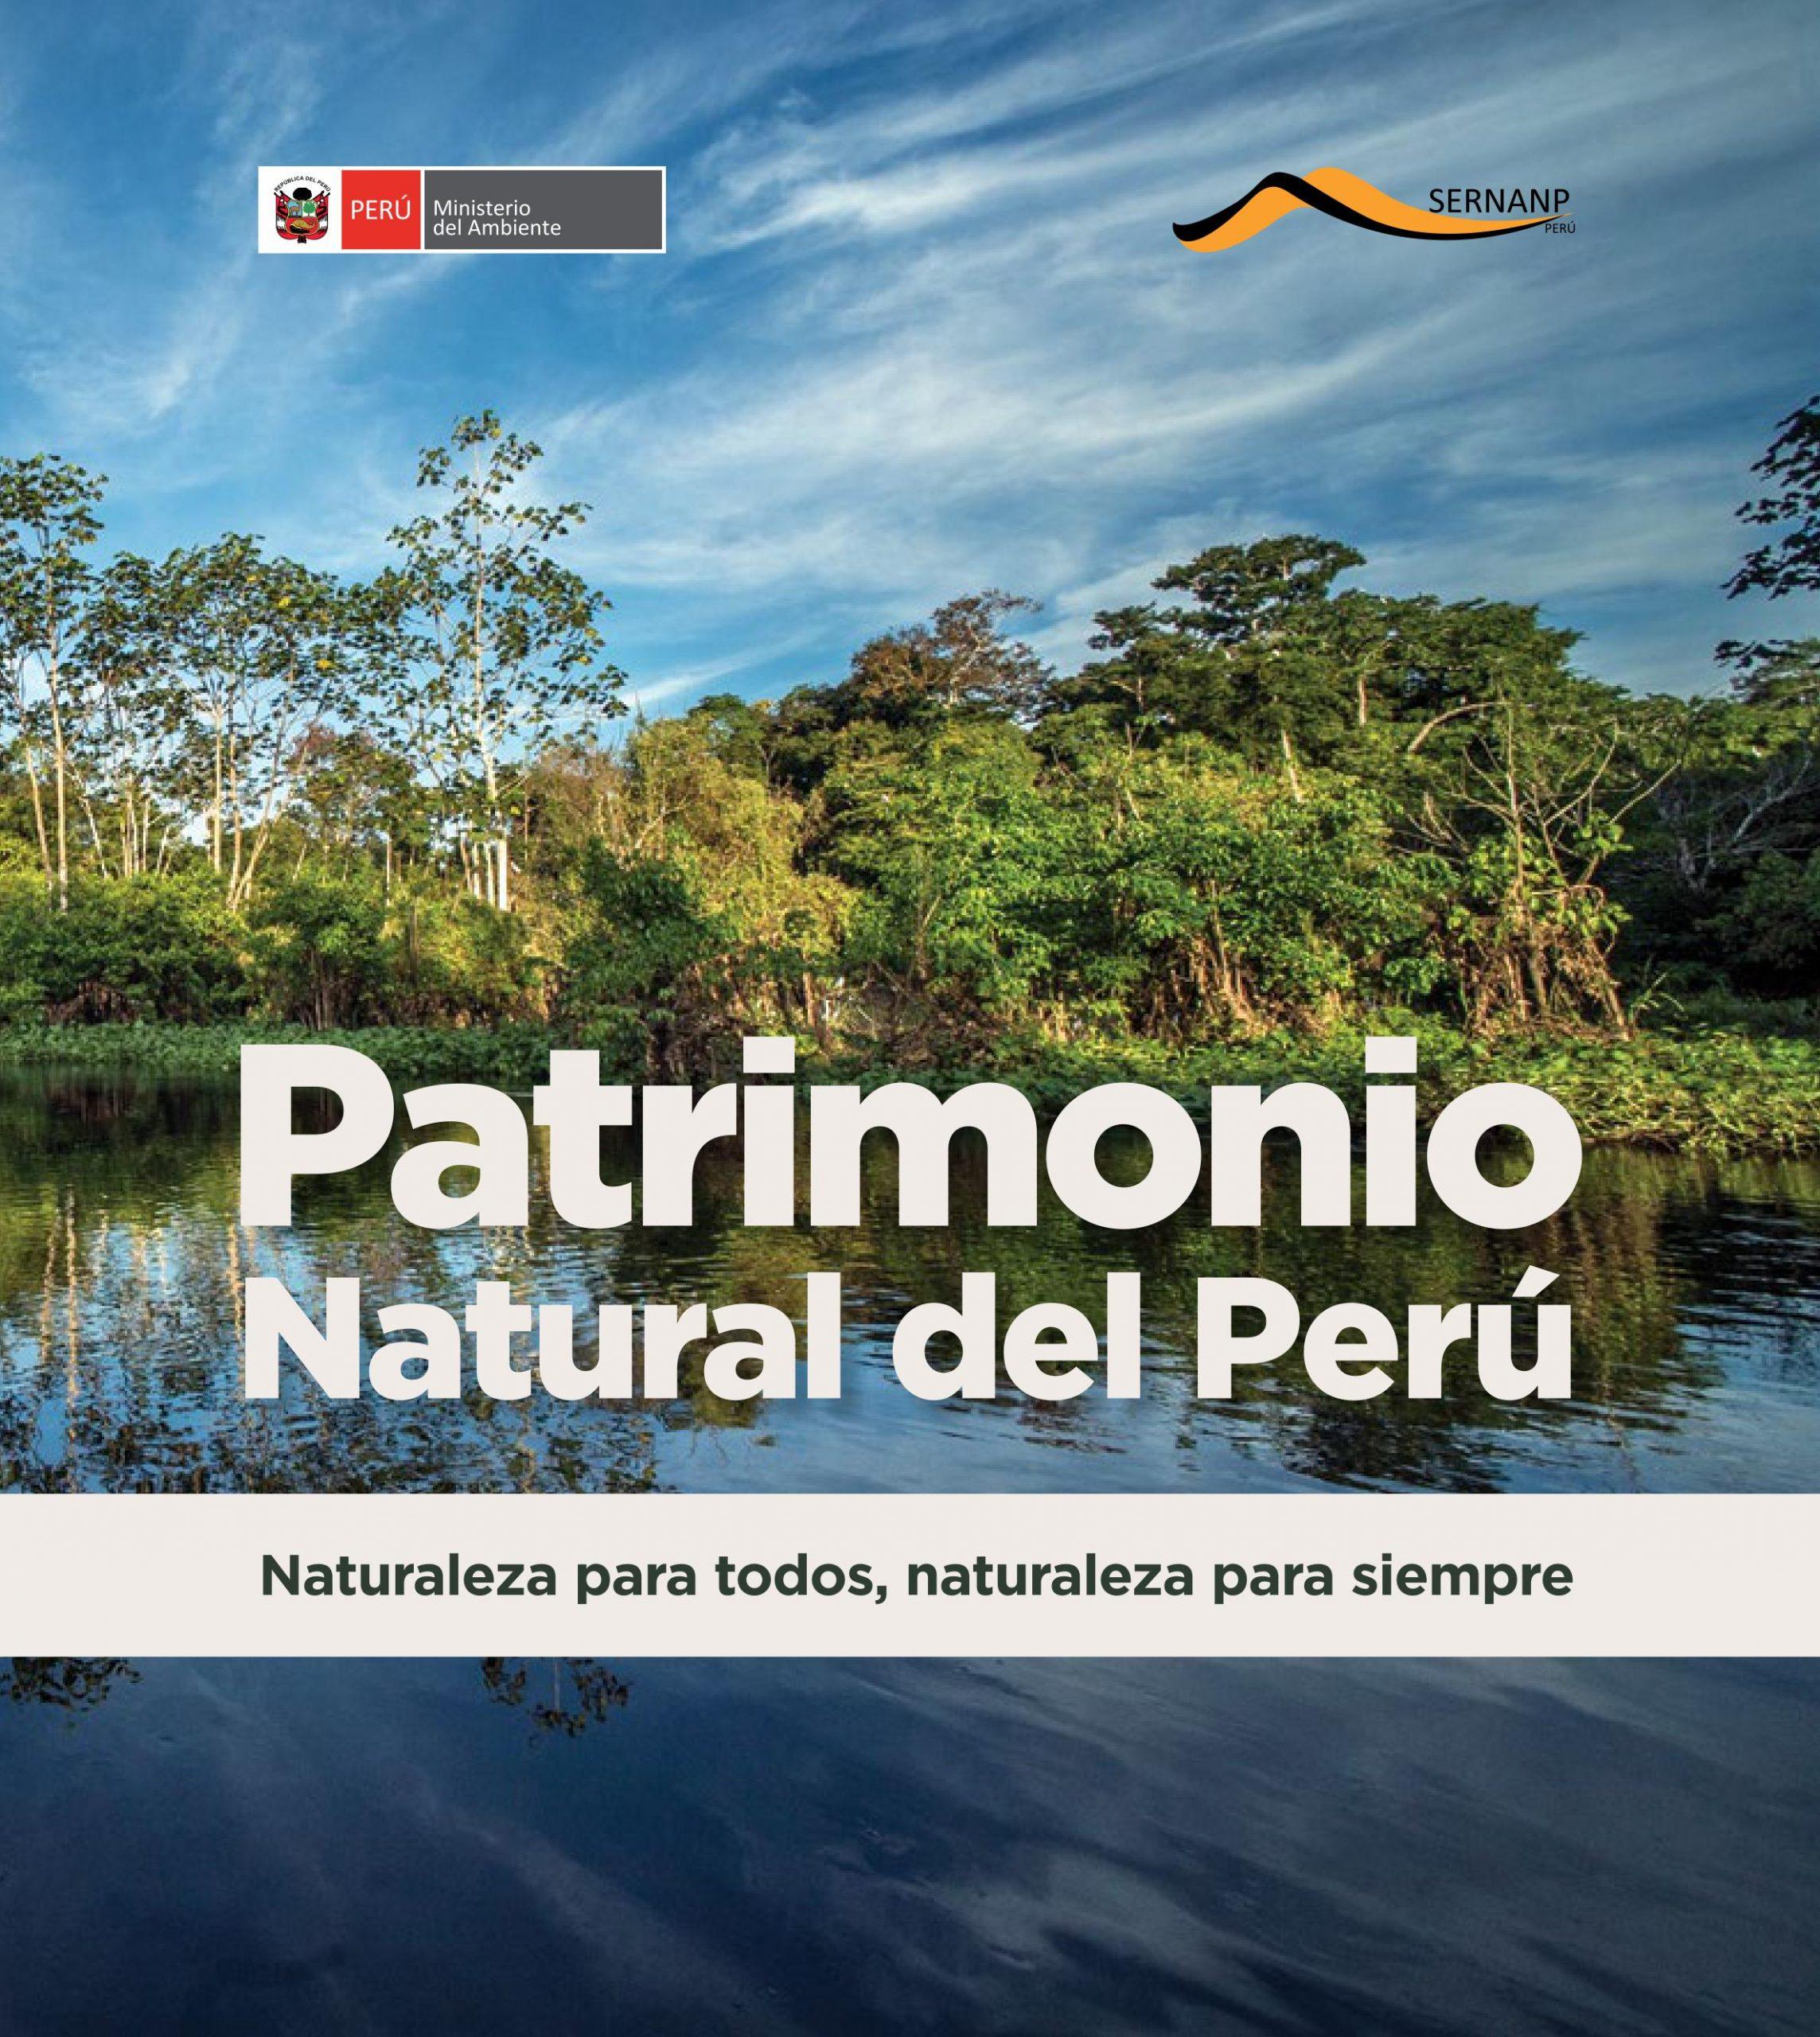 Fondo de transición de la Iniciativa Patrimonio del Perú para las áreas naturales protegidas del bioma amazónico